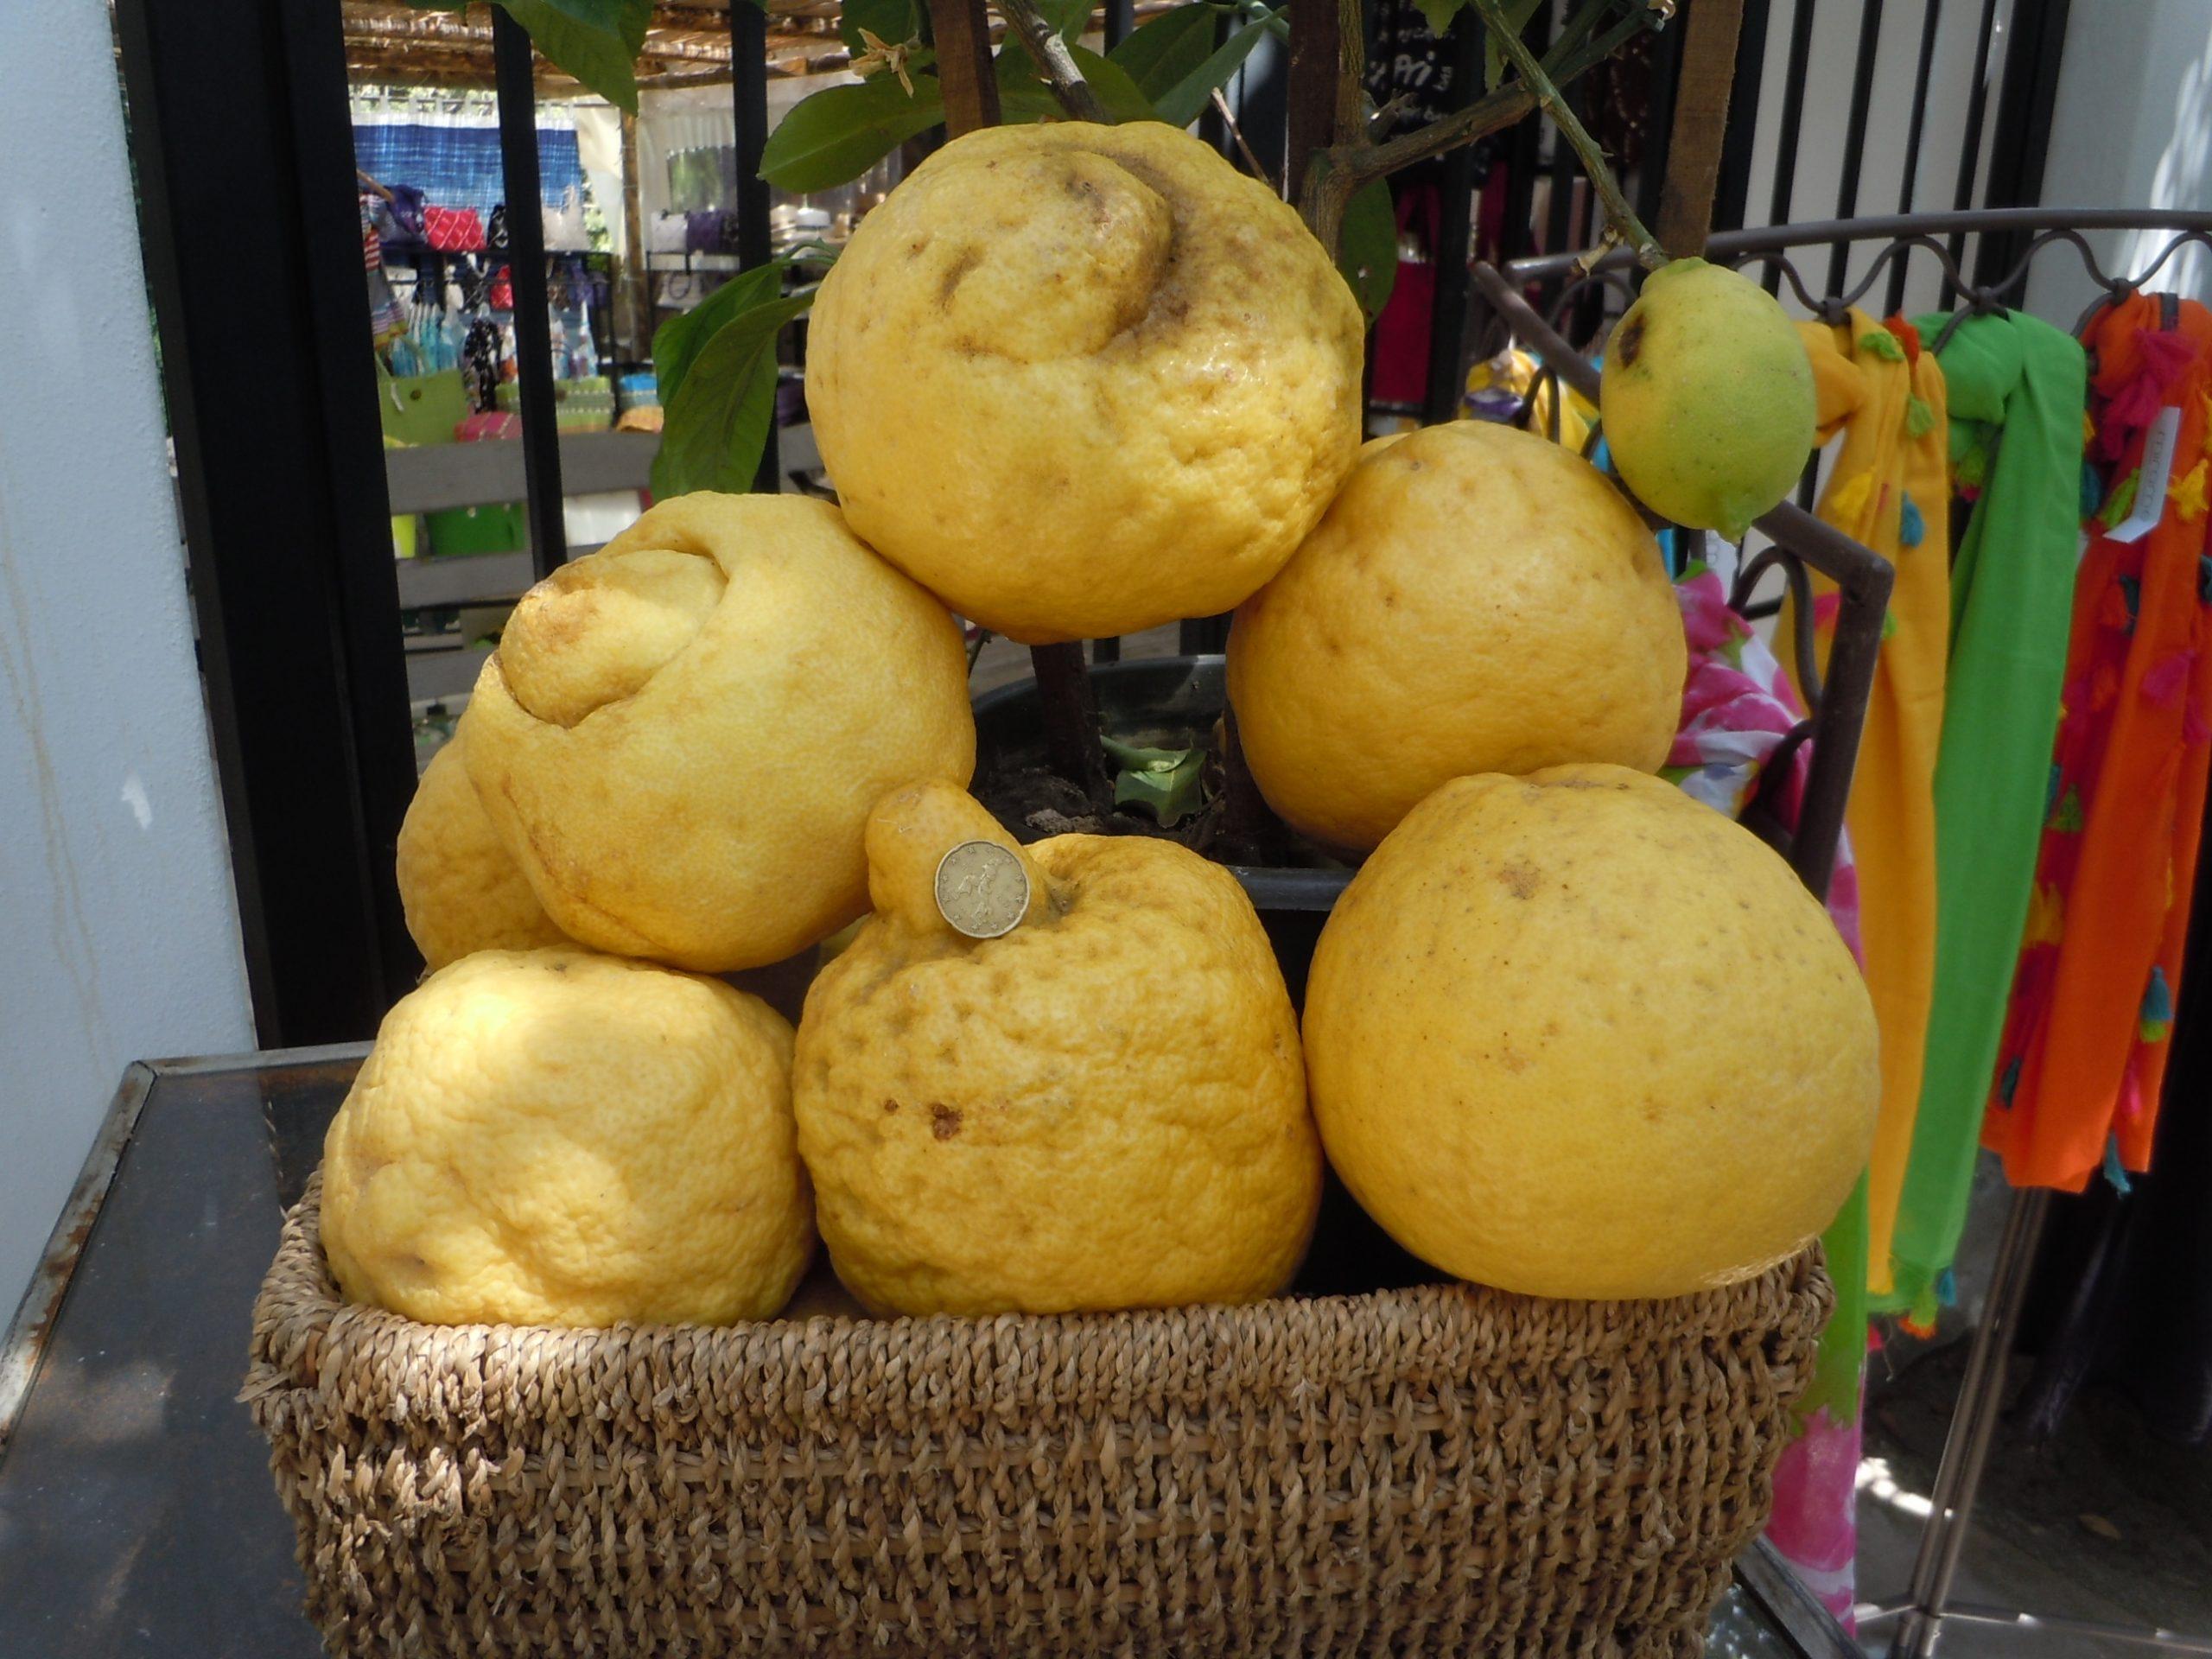 huge lemons used to make refreshing limoncello